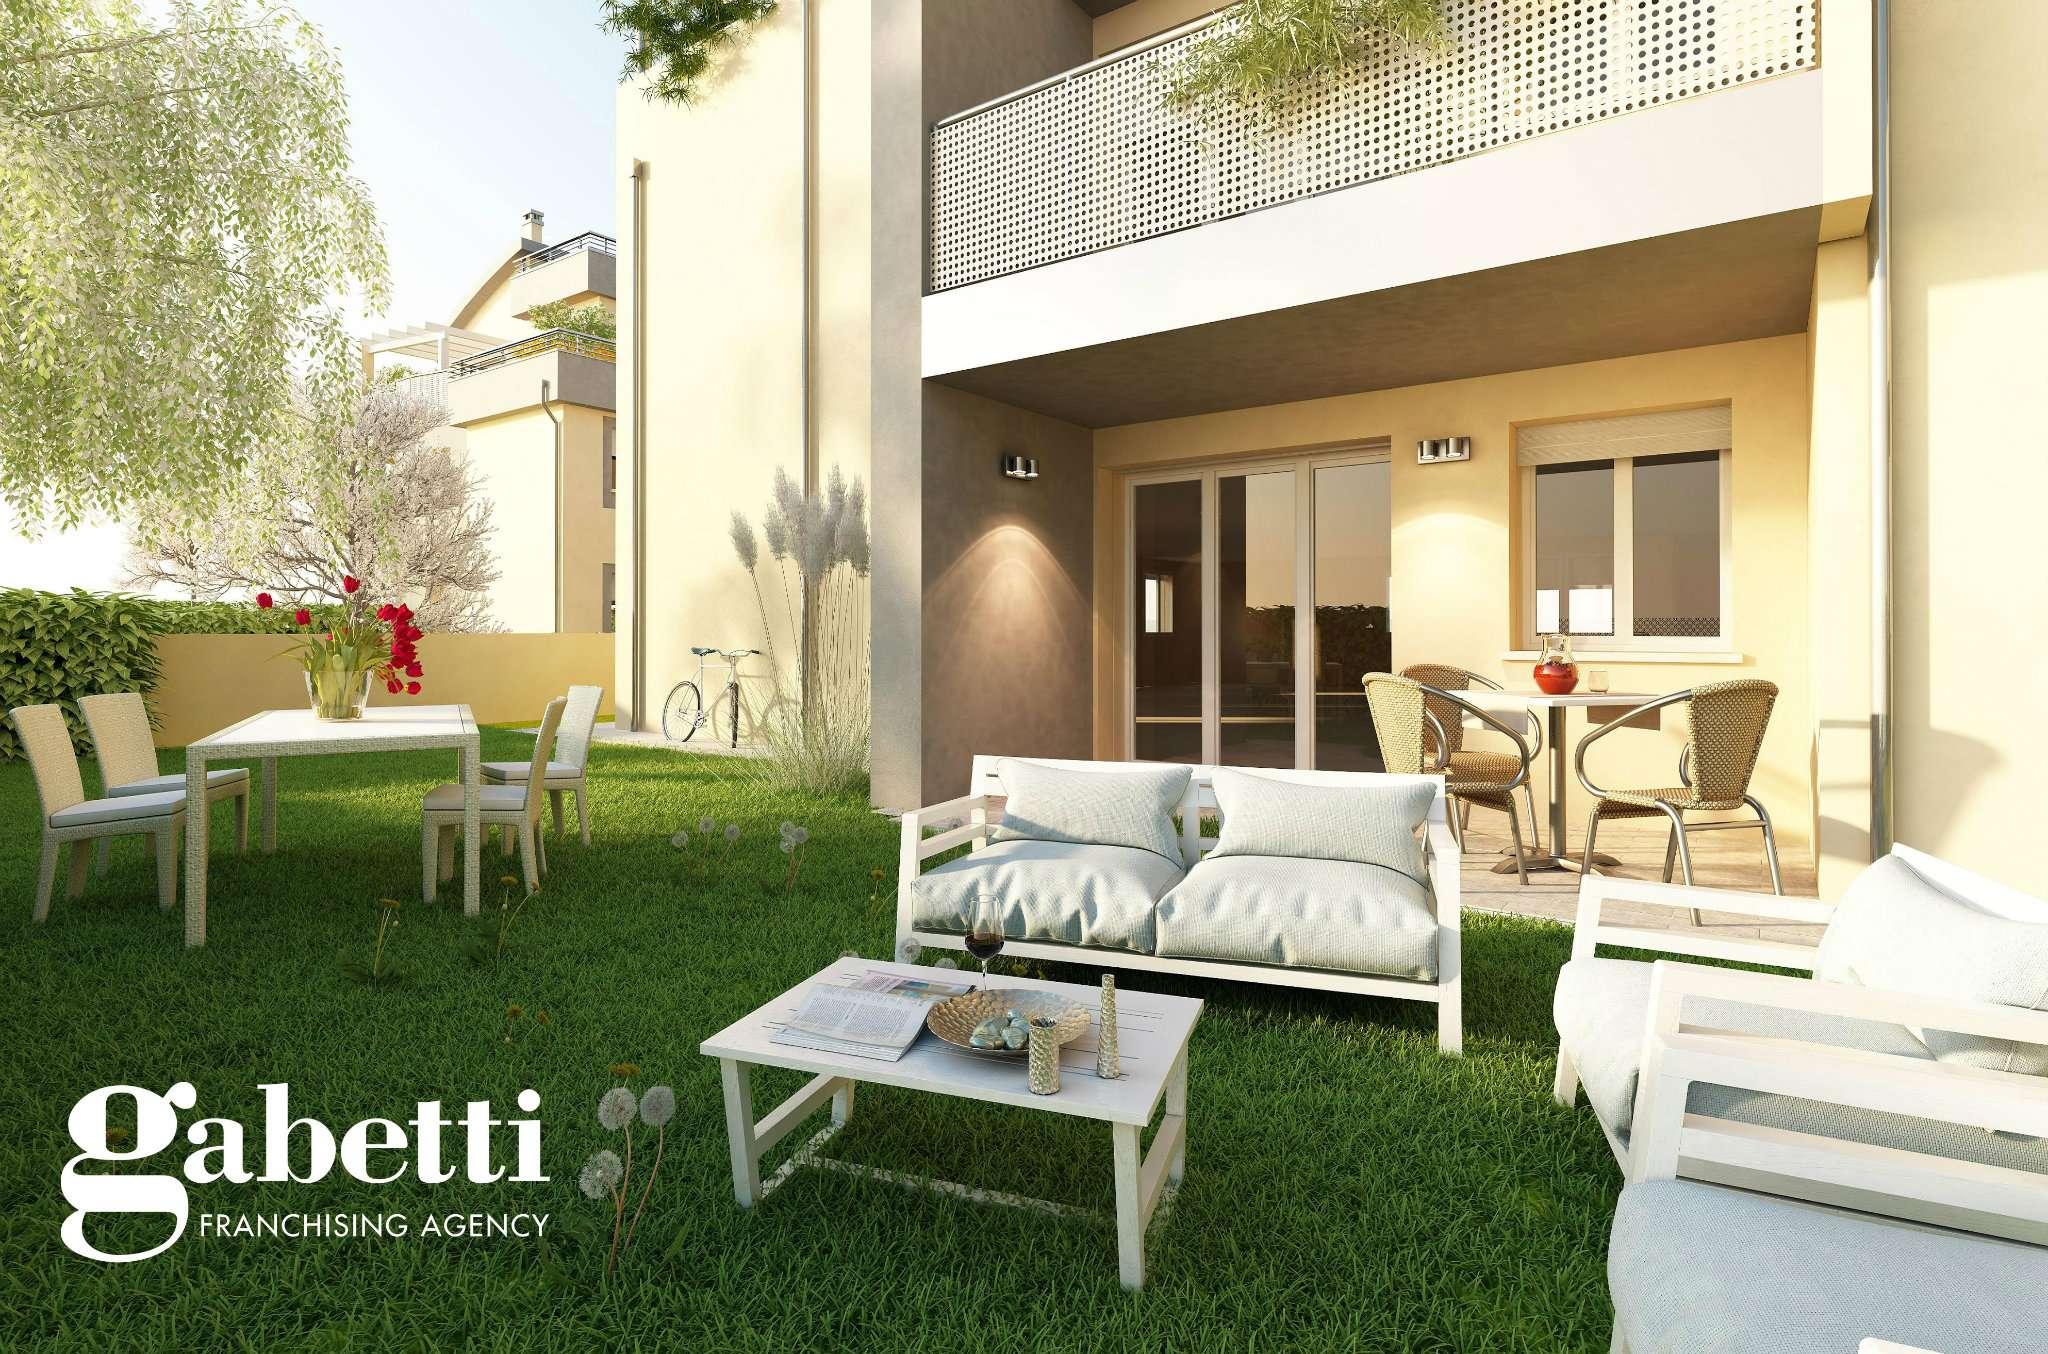 Appartamento in vendita a Castel Maggiore, 3 locali, prezzo € 302.000 | Cambio Casa.it